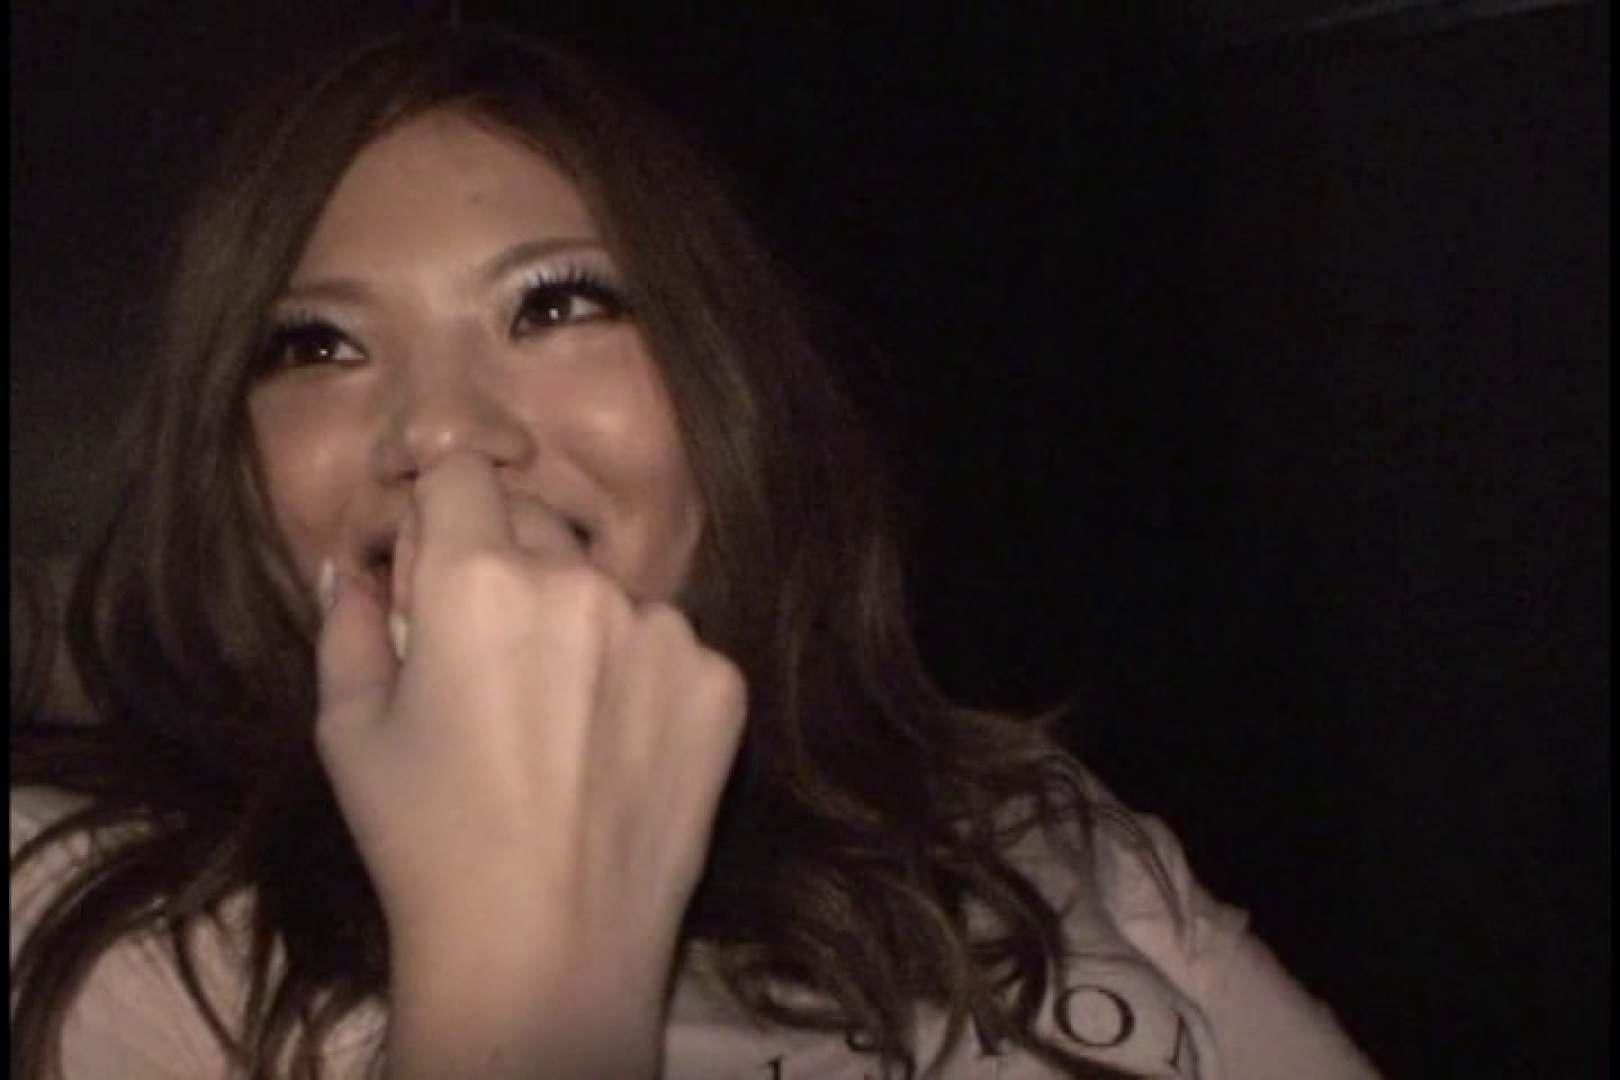 JDハンター全国ツアー vol.047 後編 超エロ女子大生 | 綺麗なOLたち  110枚 31